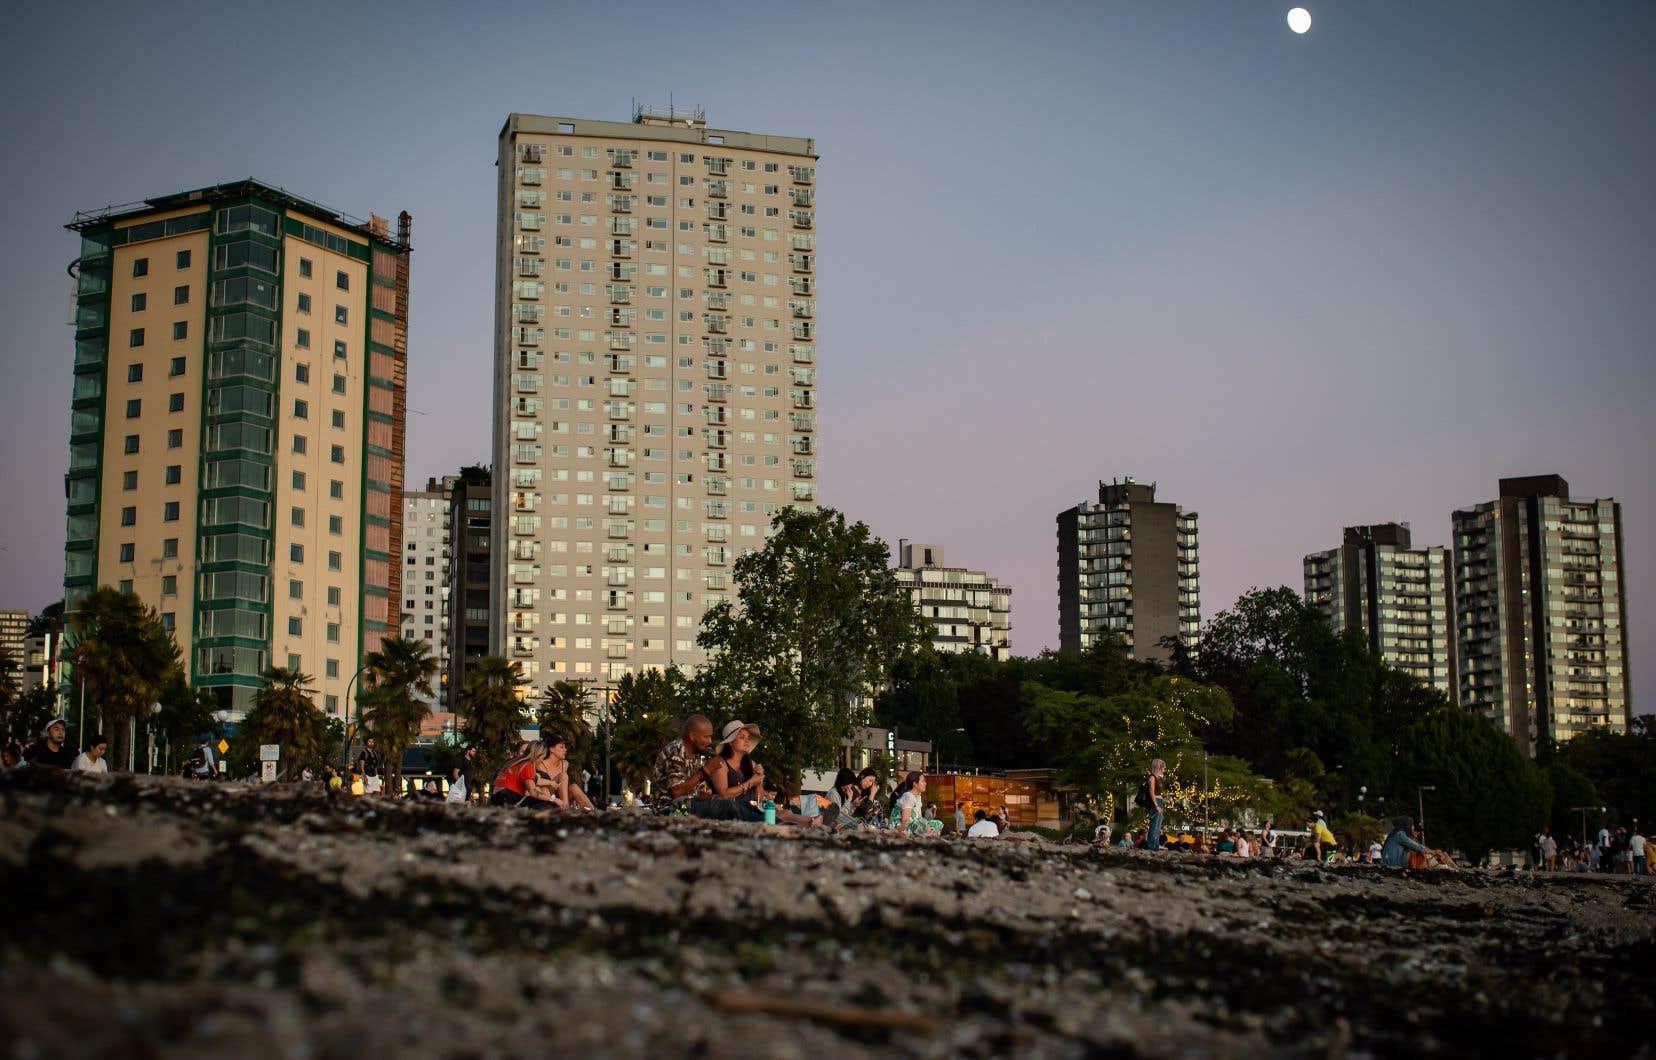 La consommation électrique en Colombie-Britannique a atteint des sommets tandis que les habitants tentent de se rafraîchir. On voit ici une plage de Vancouver.